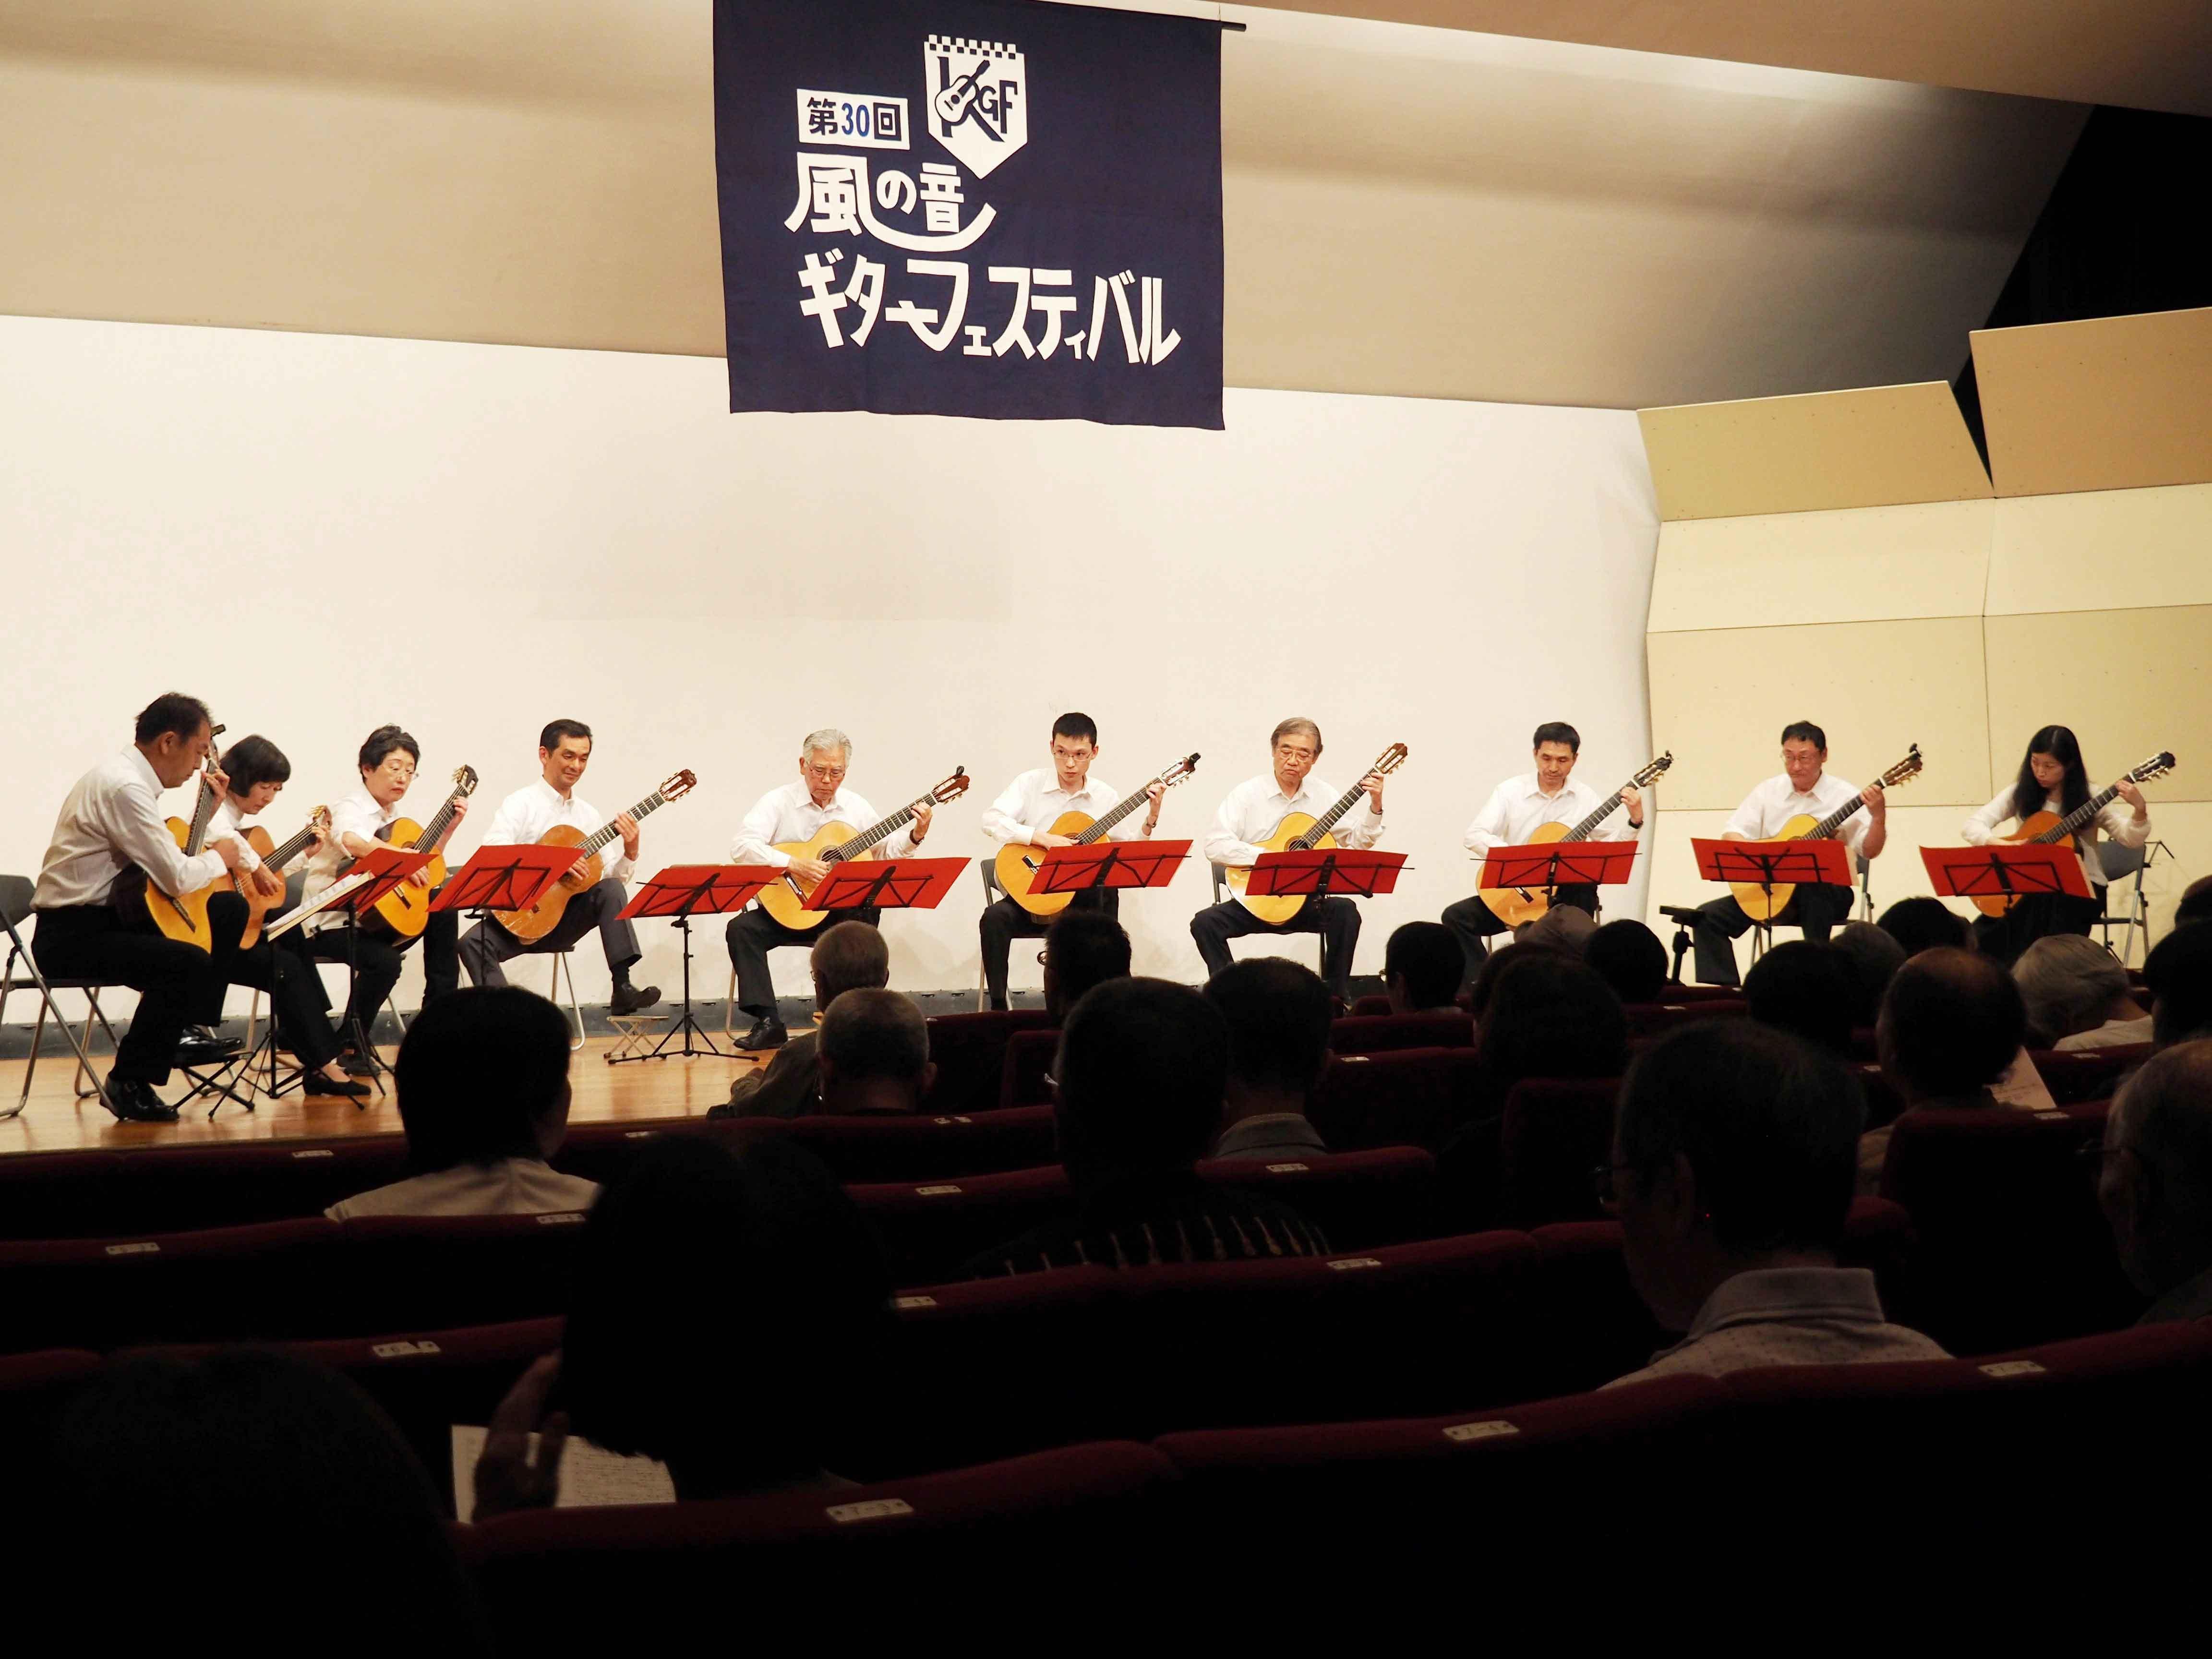 狭山ギターアンサンブル